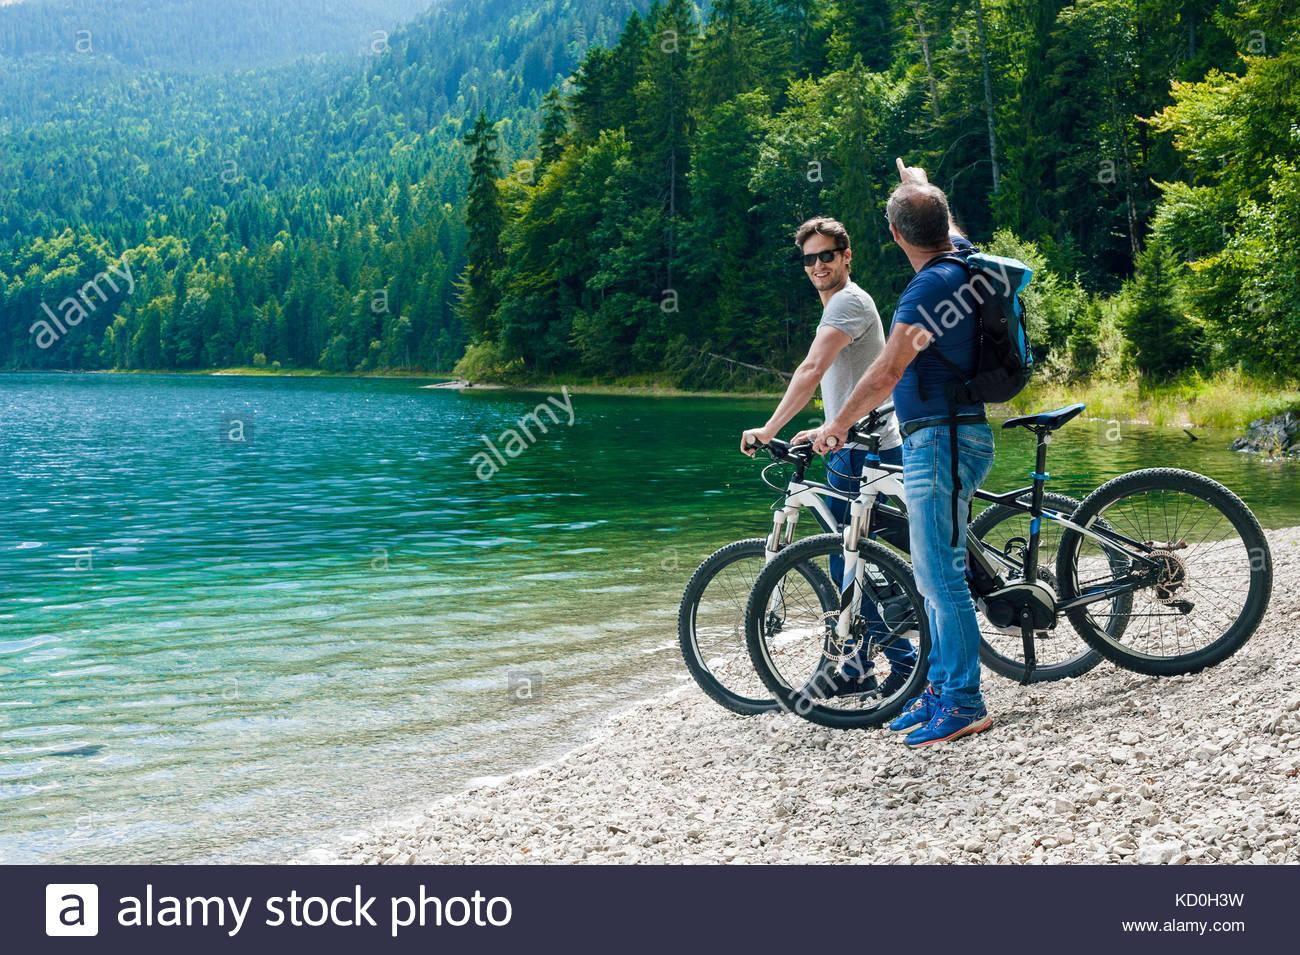 Vater und Sohn, stand neben der See mit Fahrräder, in Aussicht, elbsee, Bayern suchen, Deutschland Stockbild